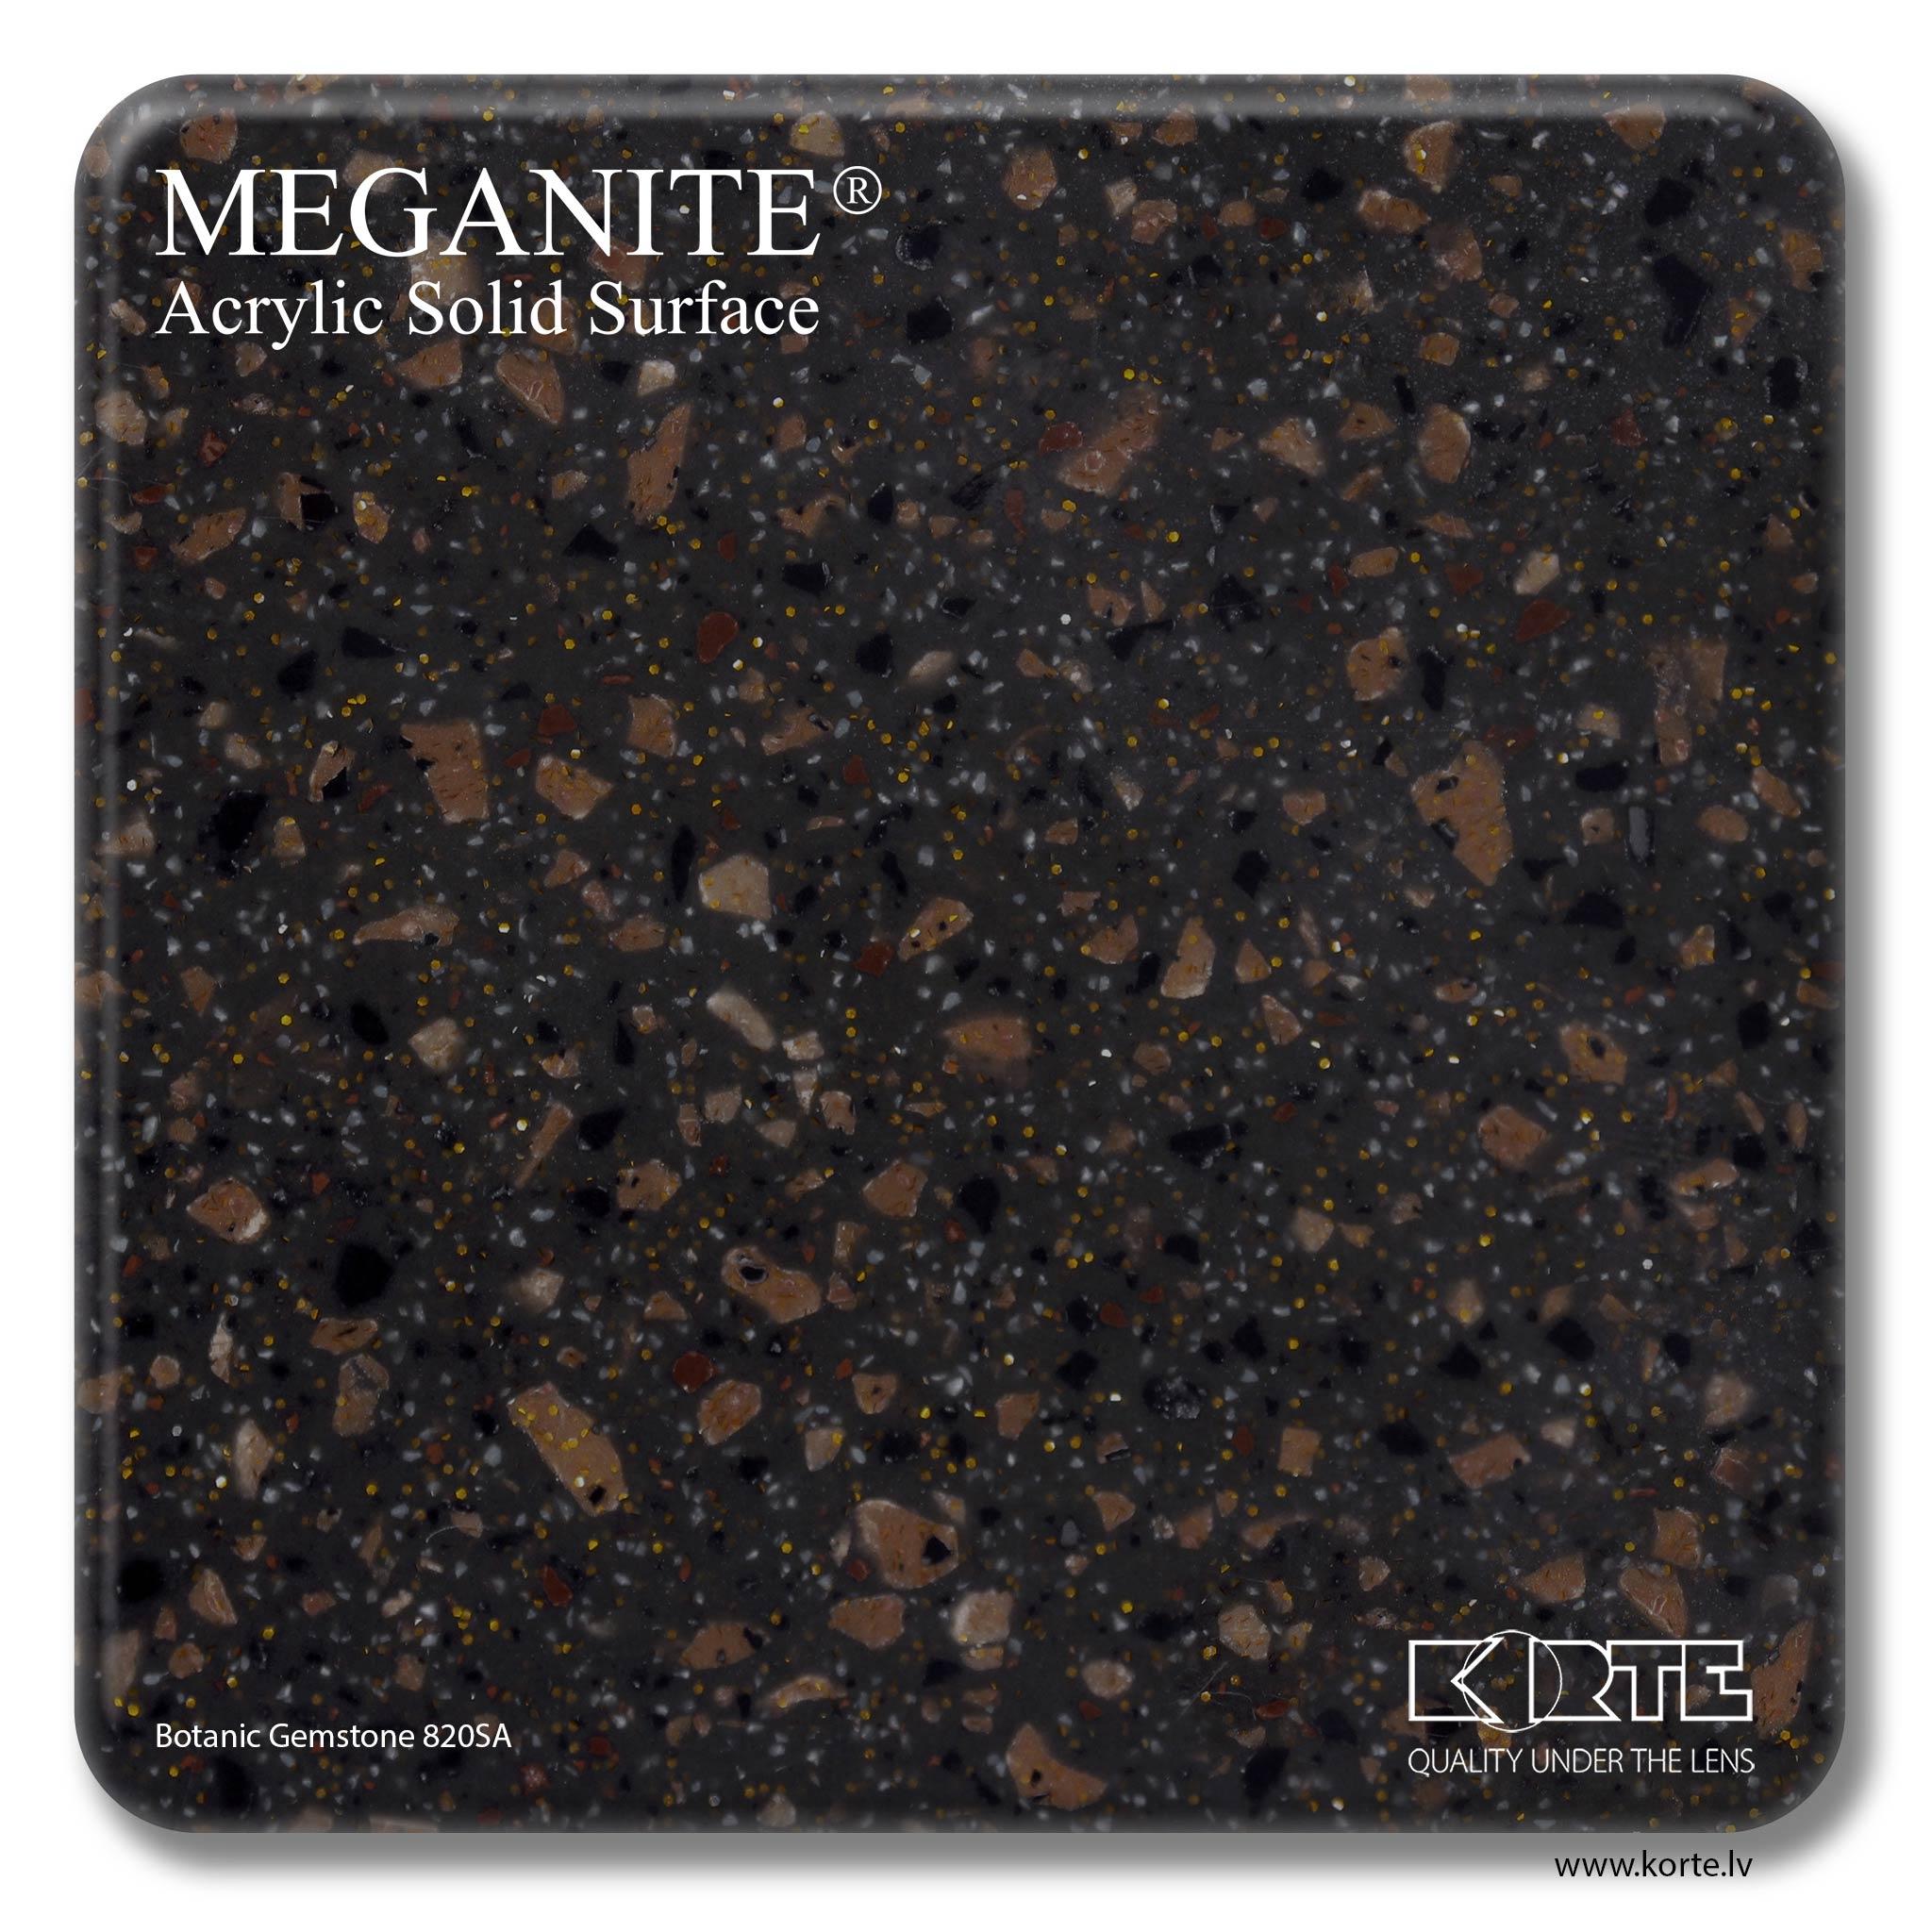 Meganite Botanic Gemstone 820SA